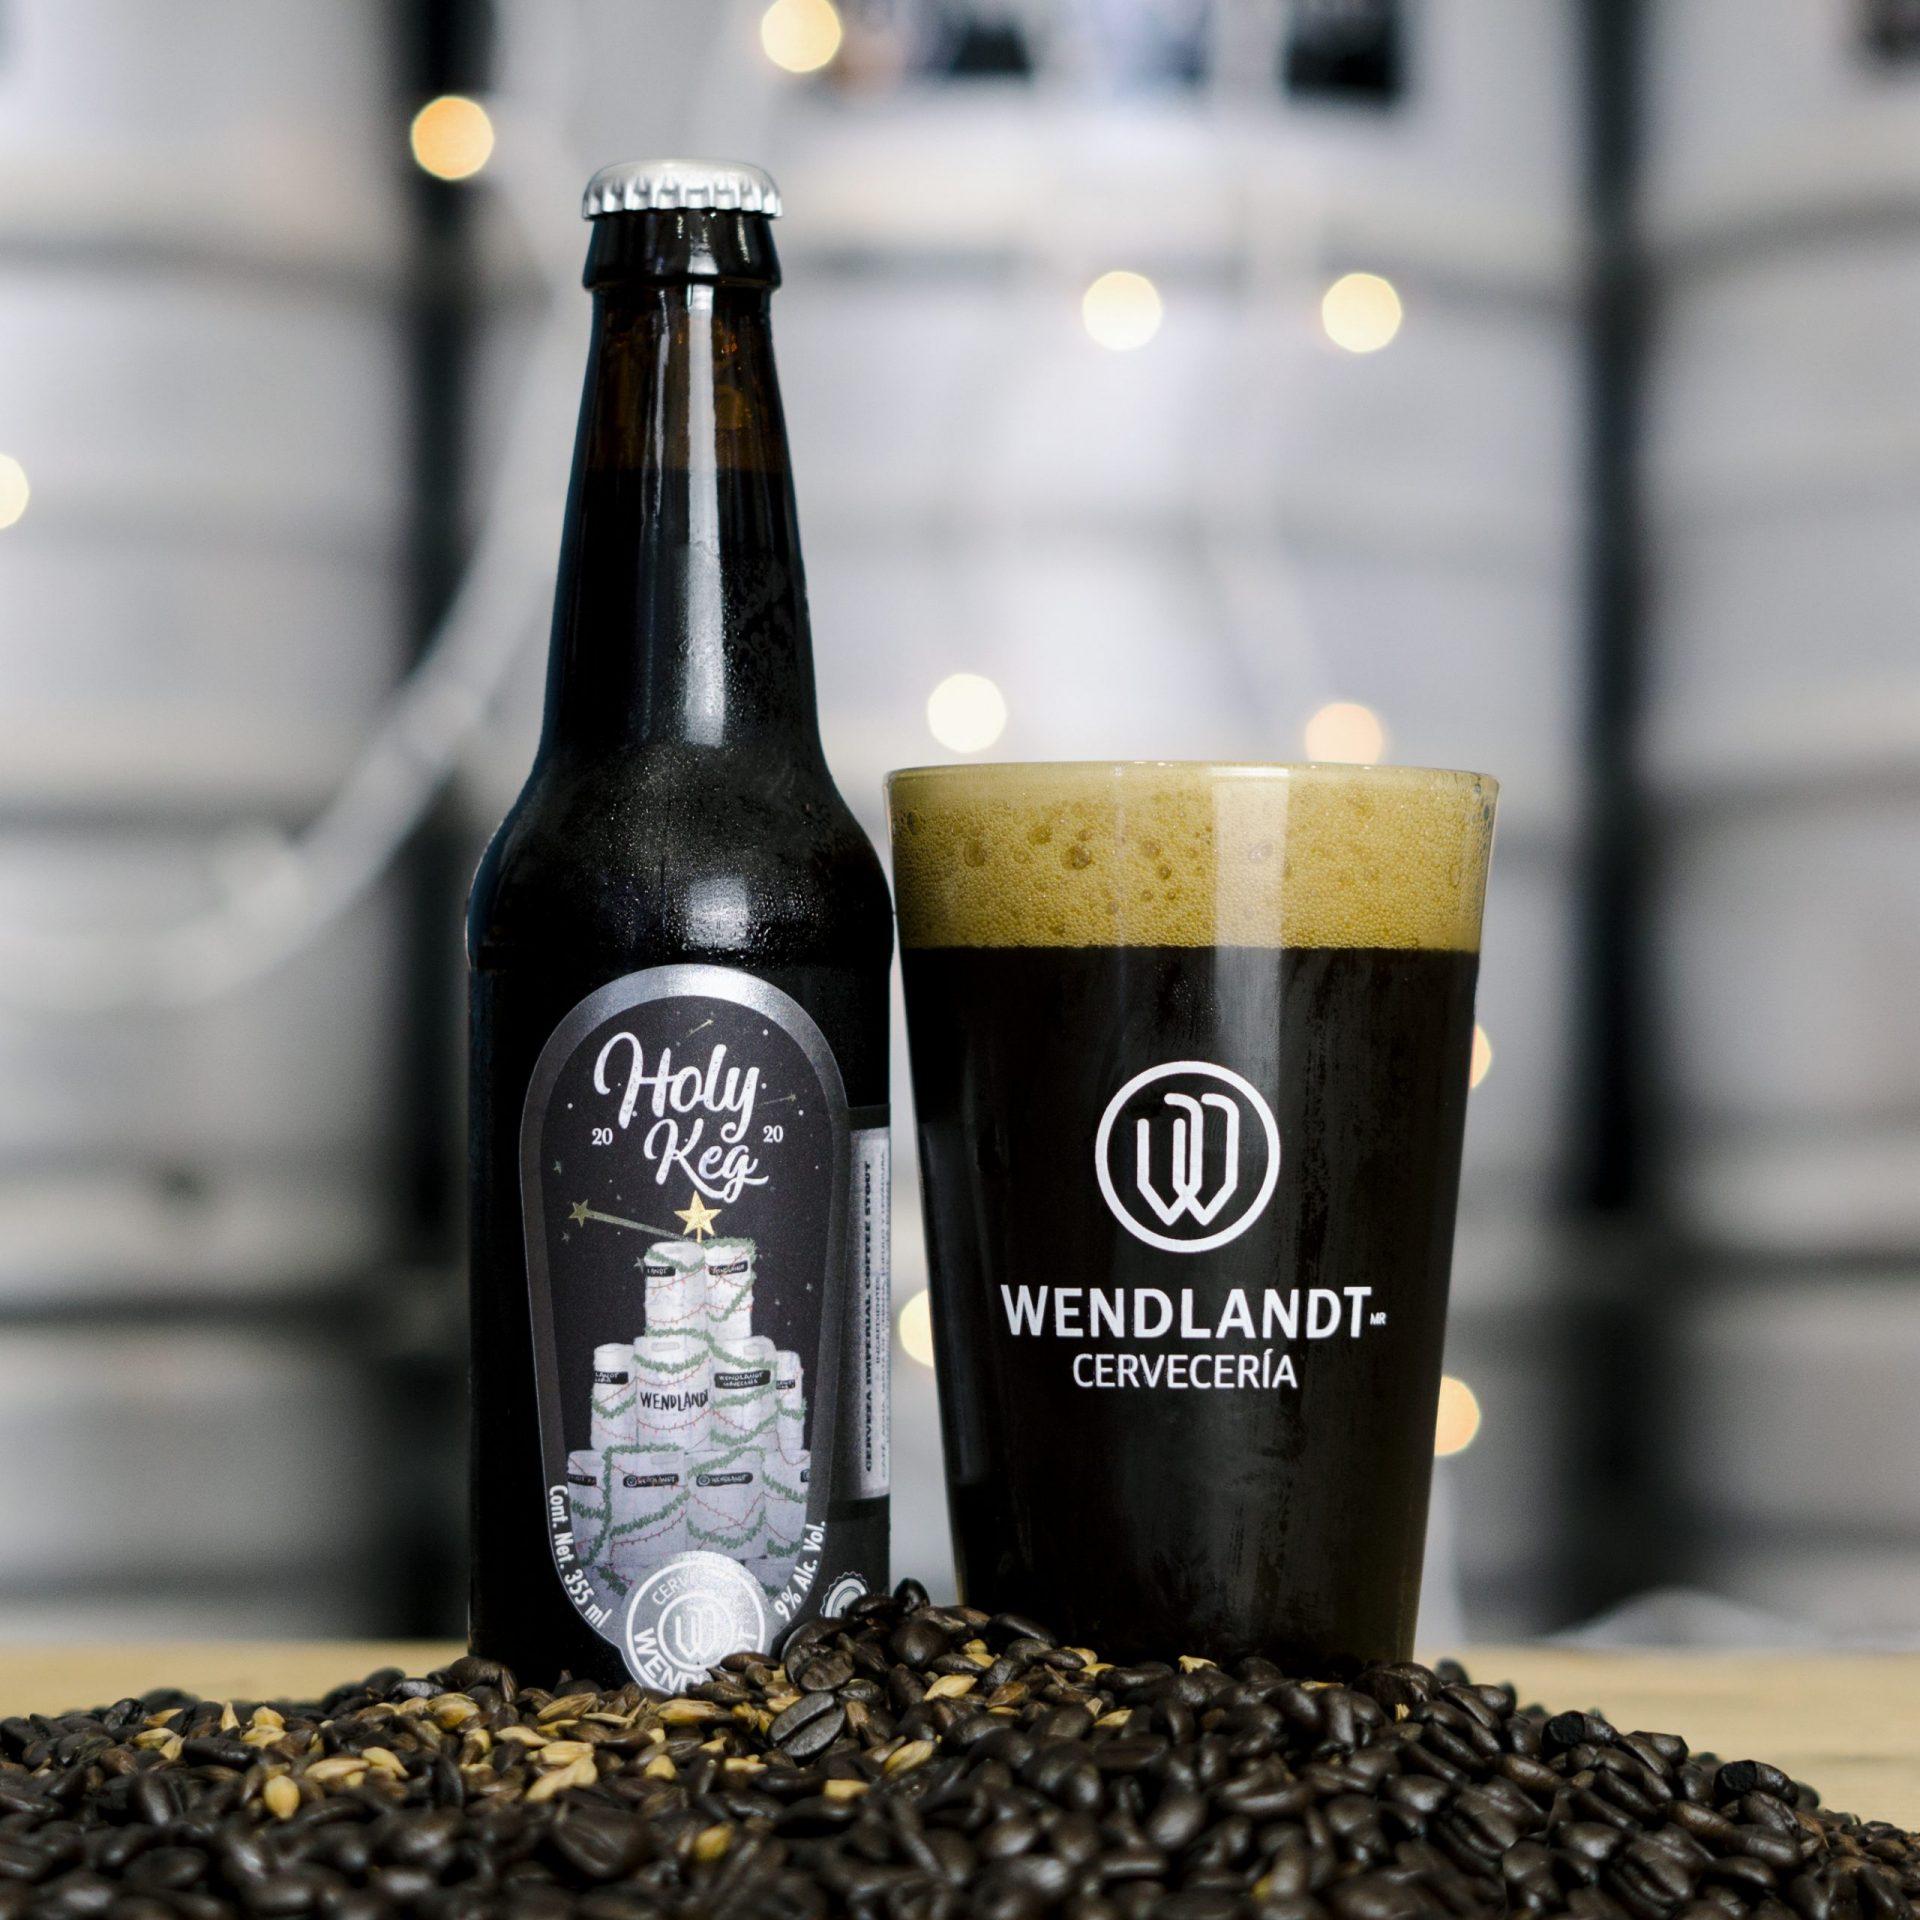 Cervecería Wendlandt